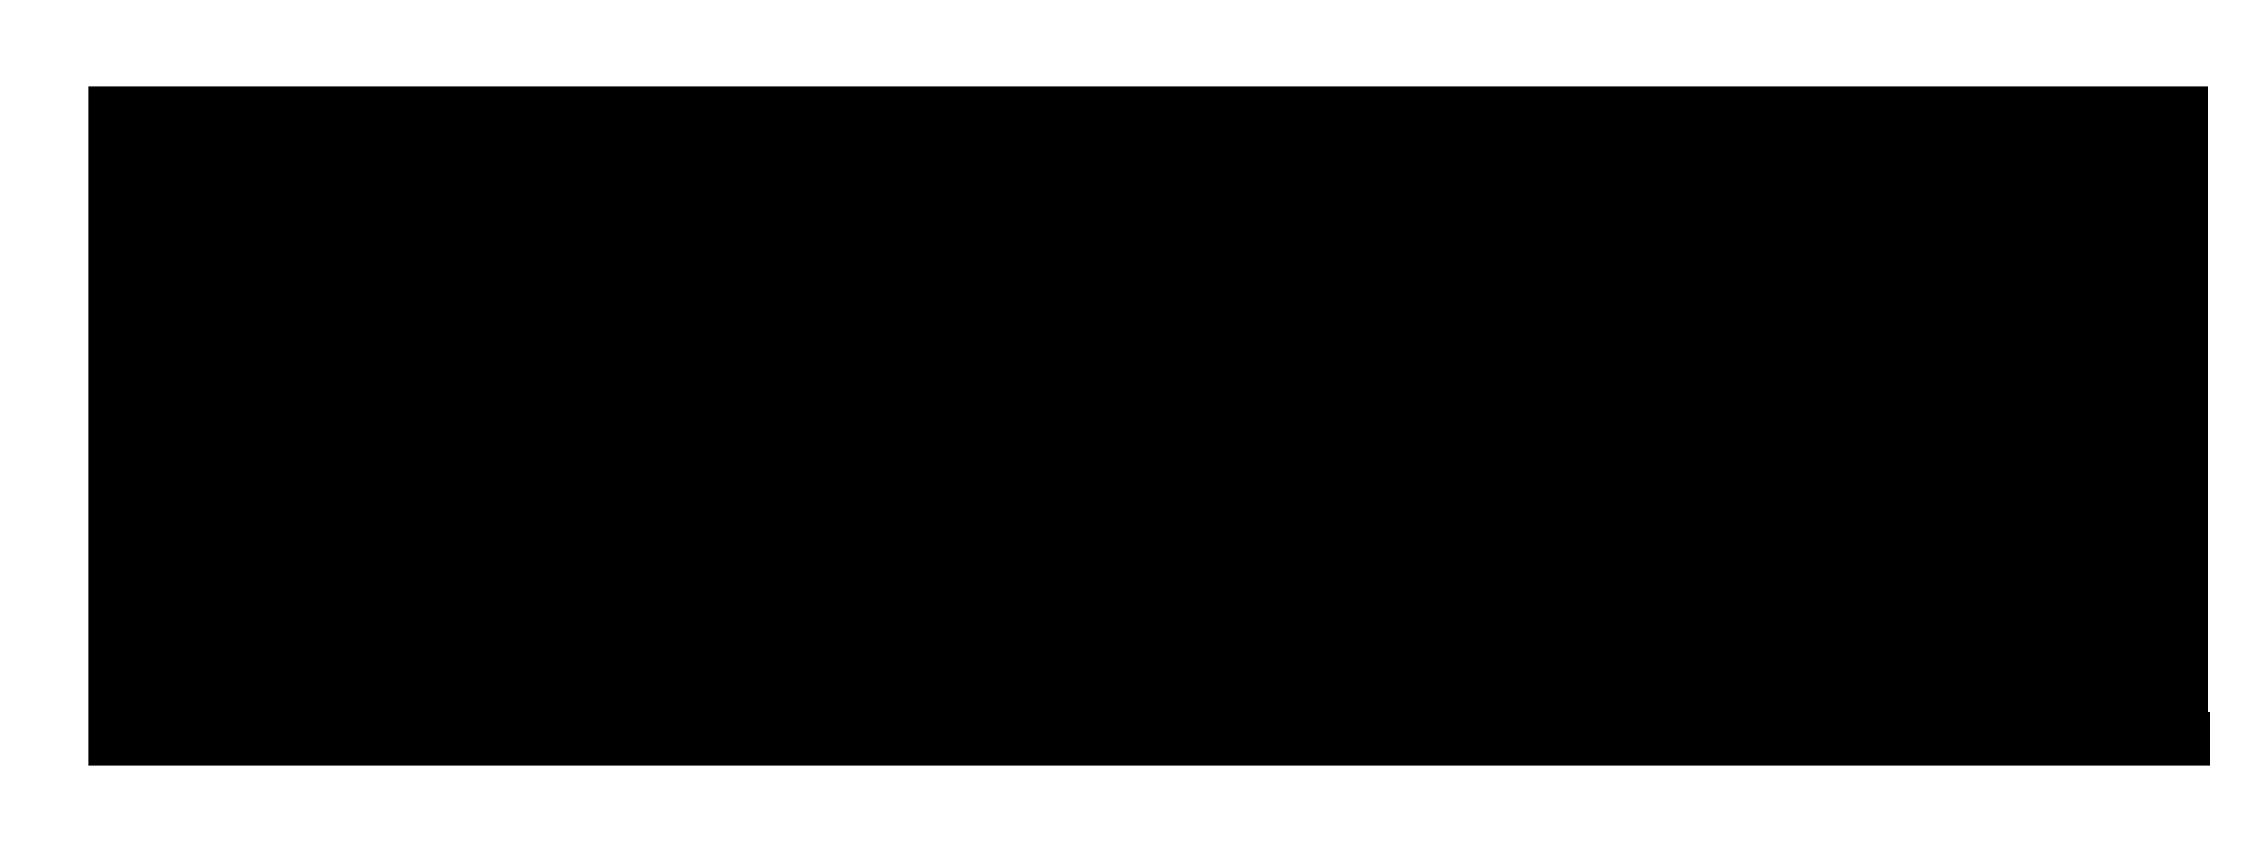 MOX_logo_black.png